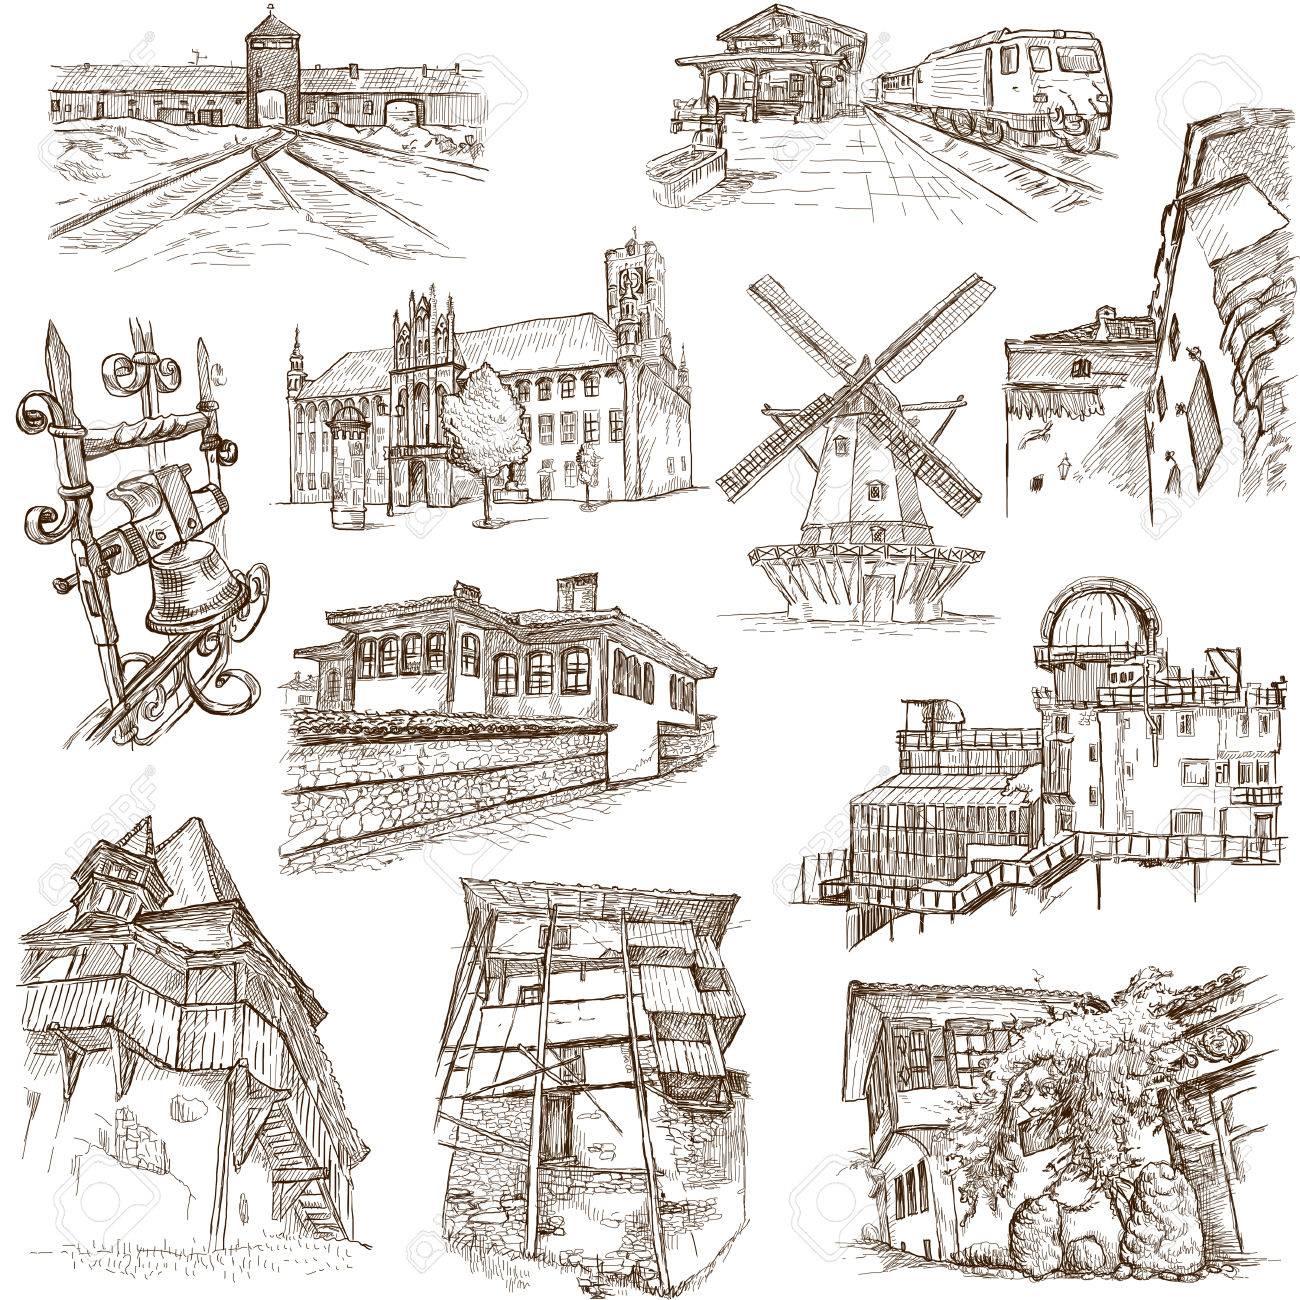 Architetti Famosi Antichi luoghi famosi, edifici e l'architettura di tutto il mondo set n ° 6, bianco  - disegni a mano